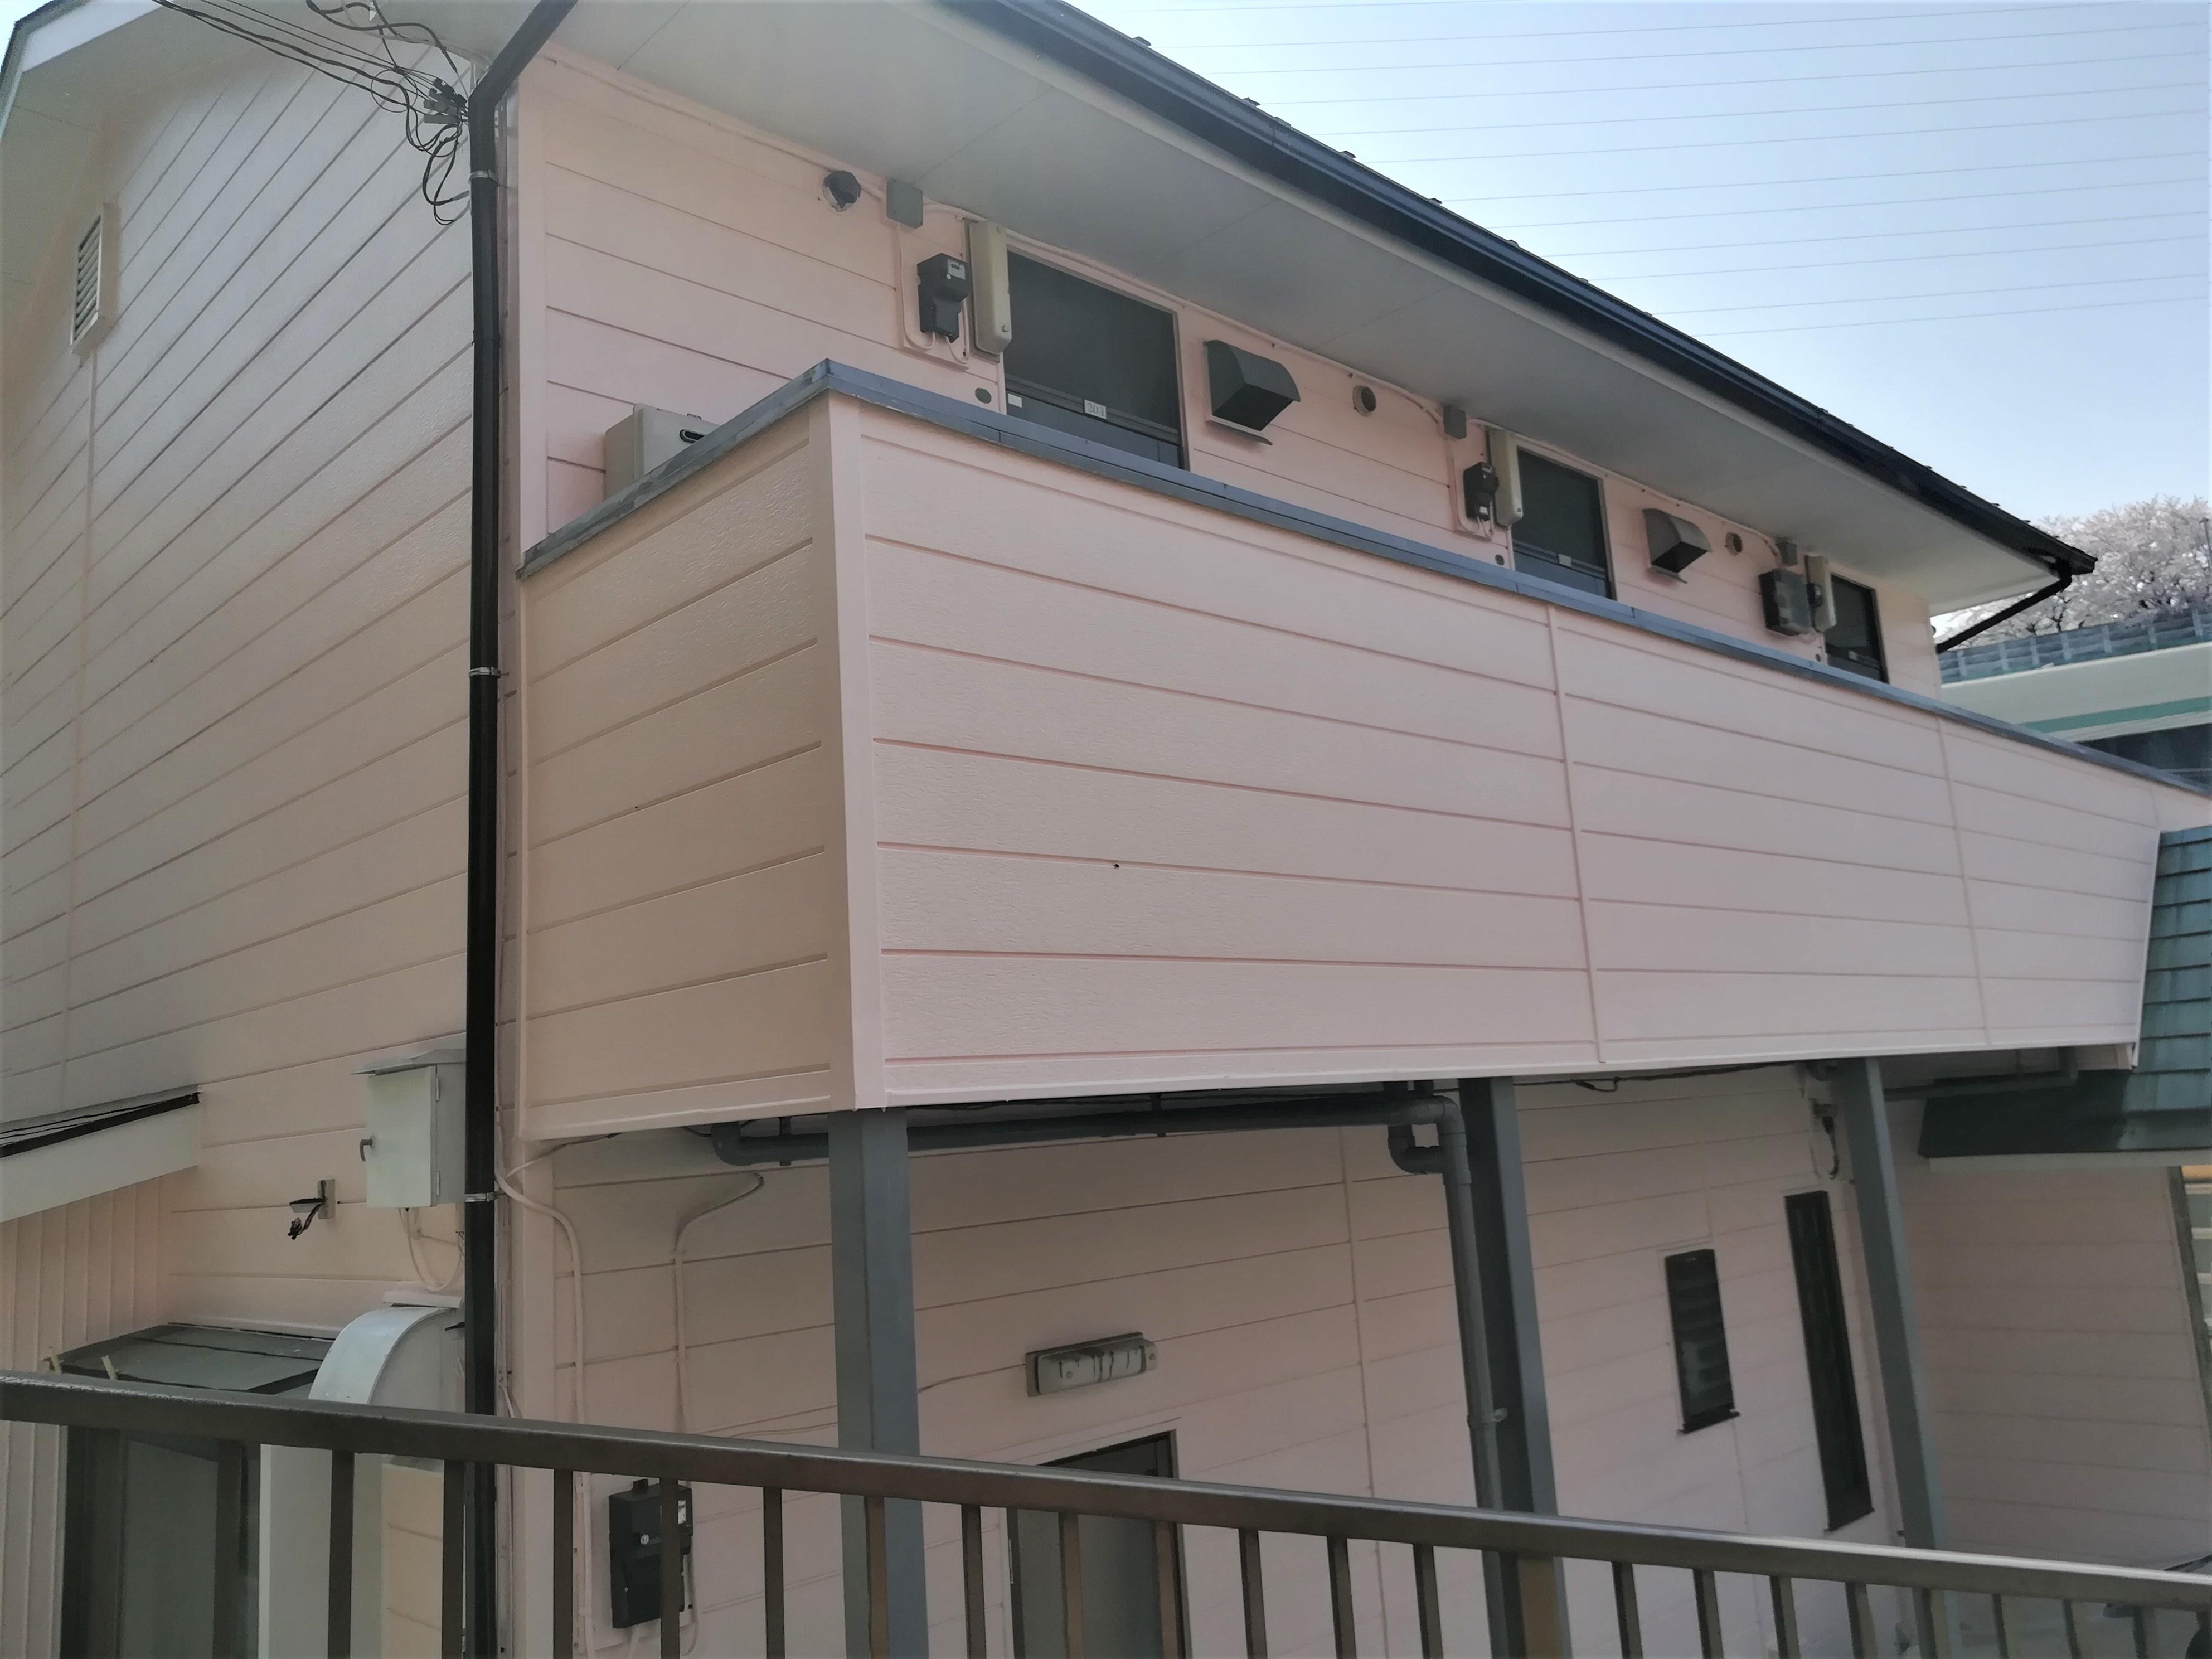 横浜市保土ヶ谷区|雨樋交換工事に落ち葉よけネット設置・併せて外壁塗装を行いました